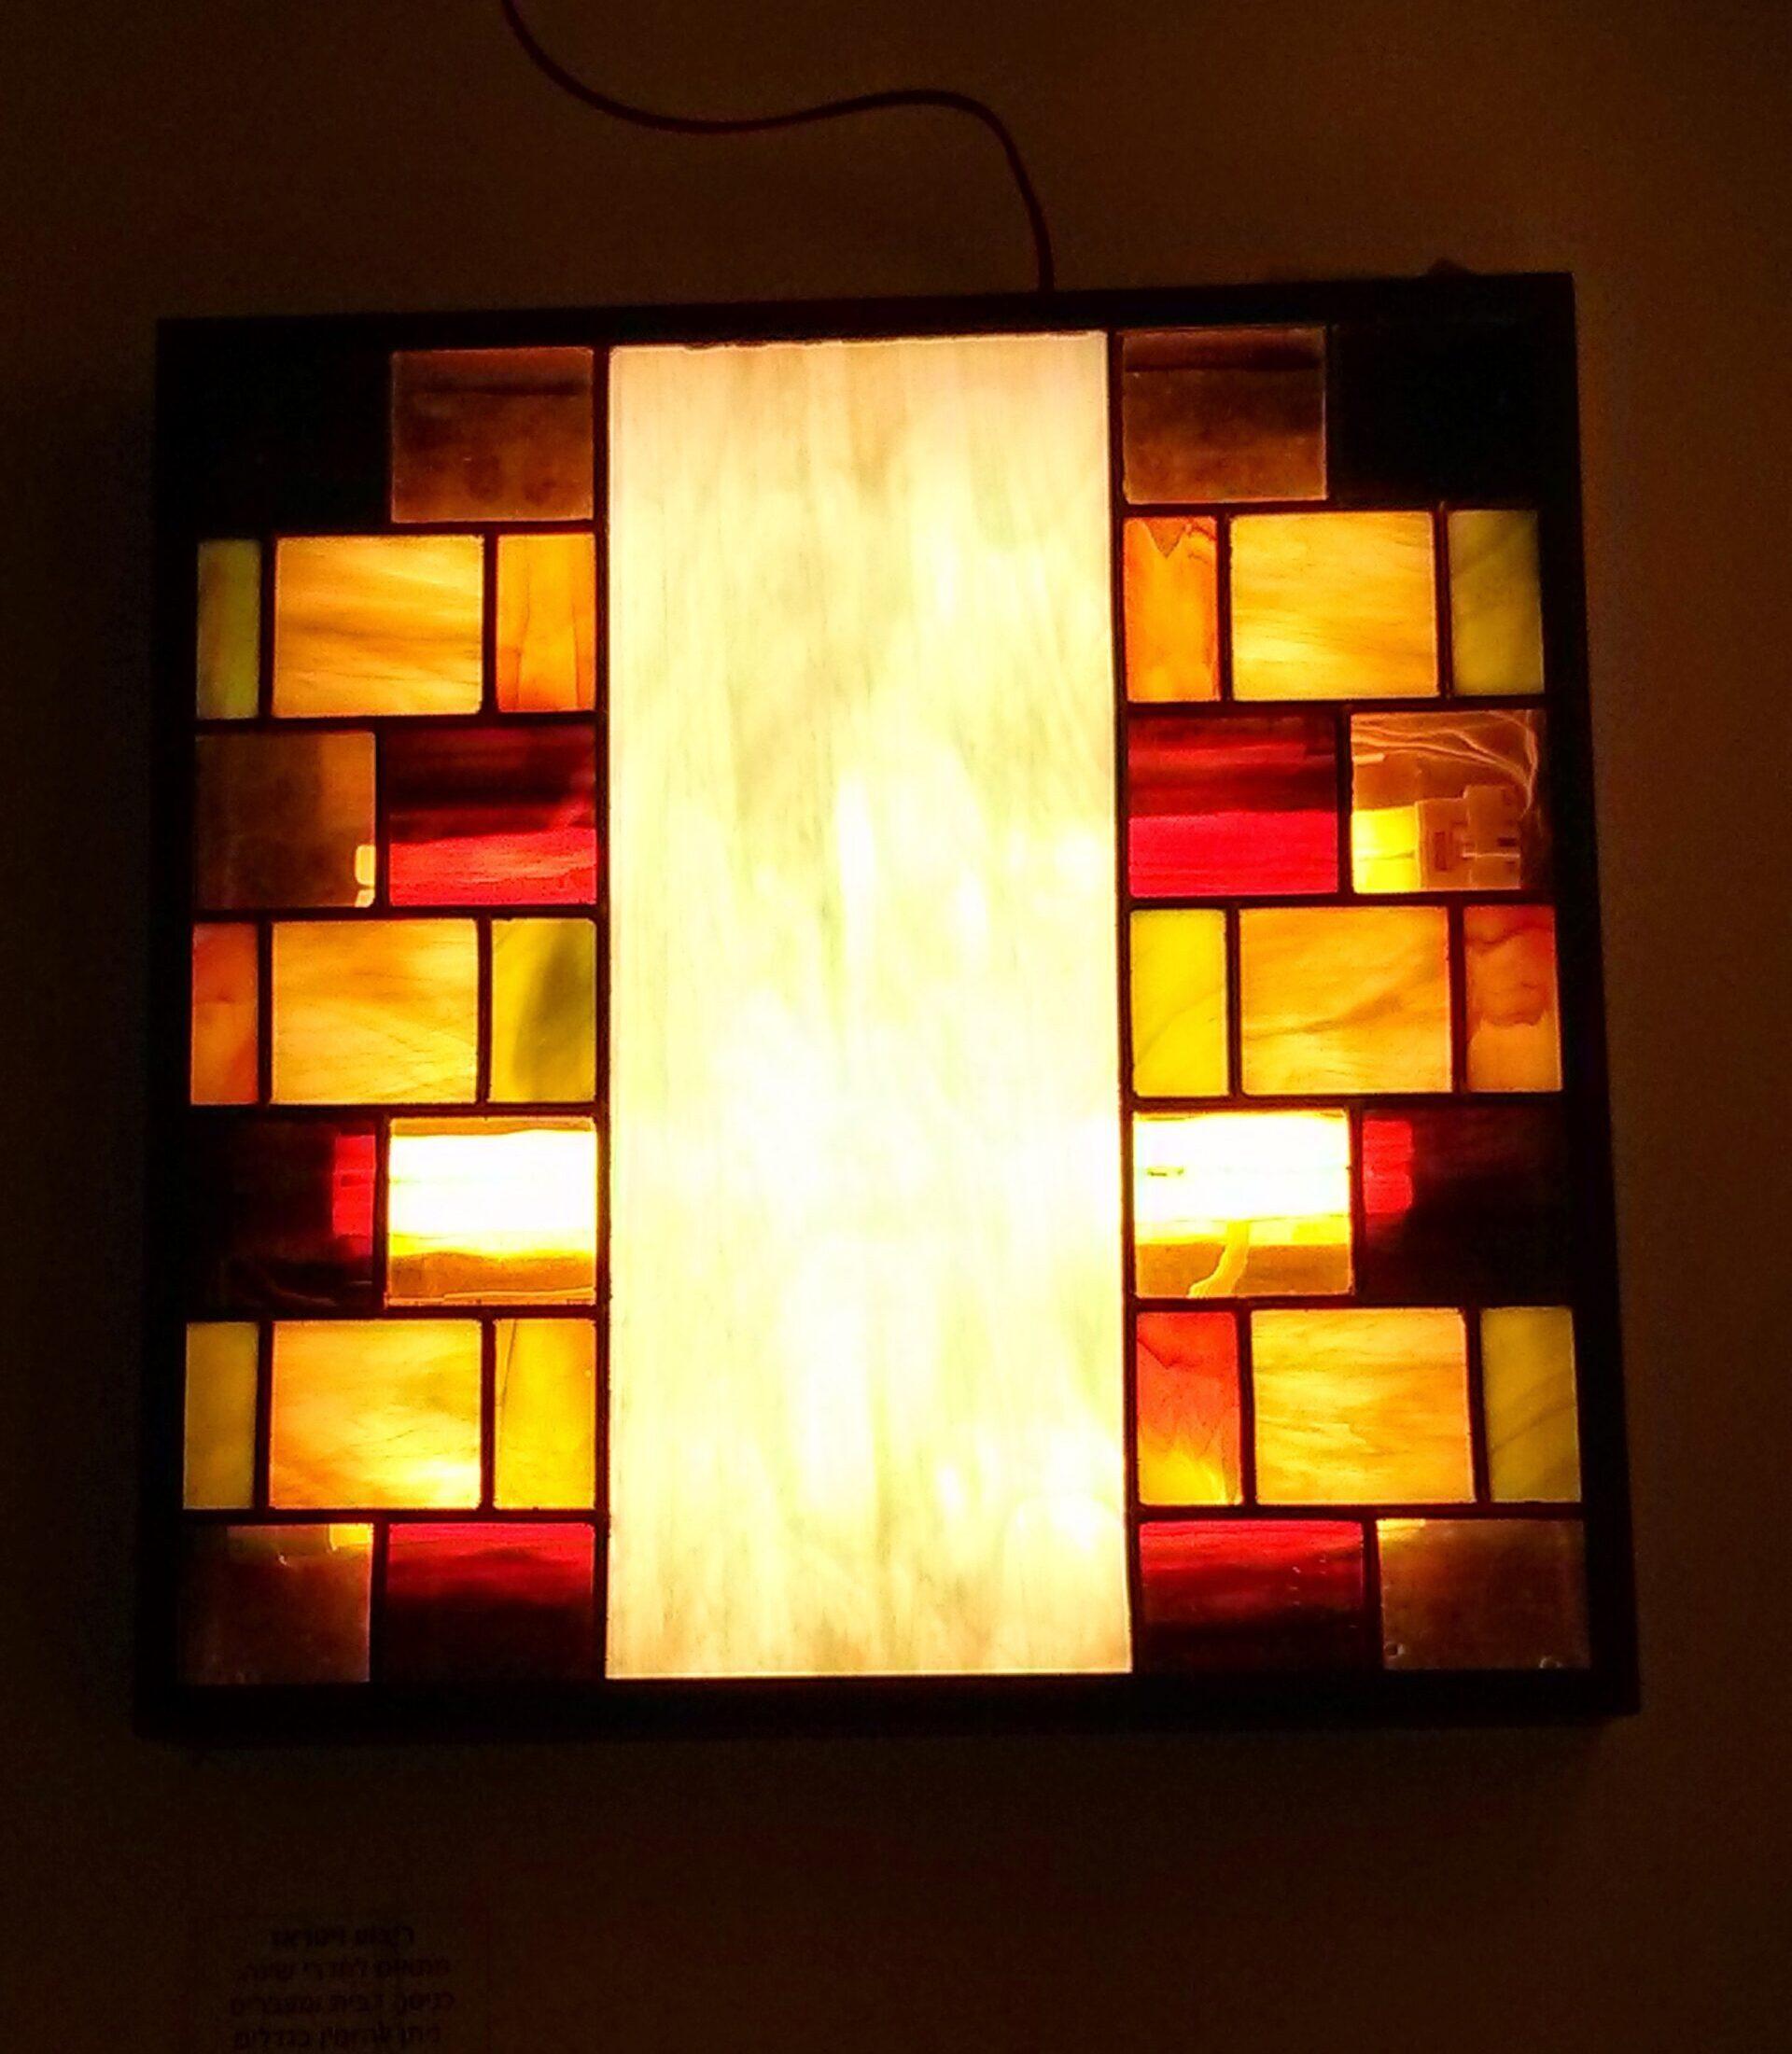 מנורת טיפאני ויטראז לקיר